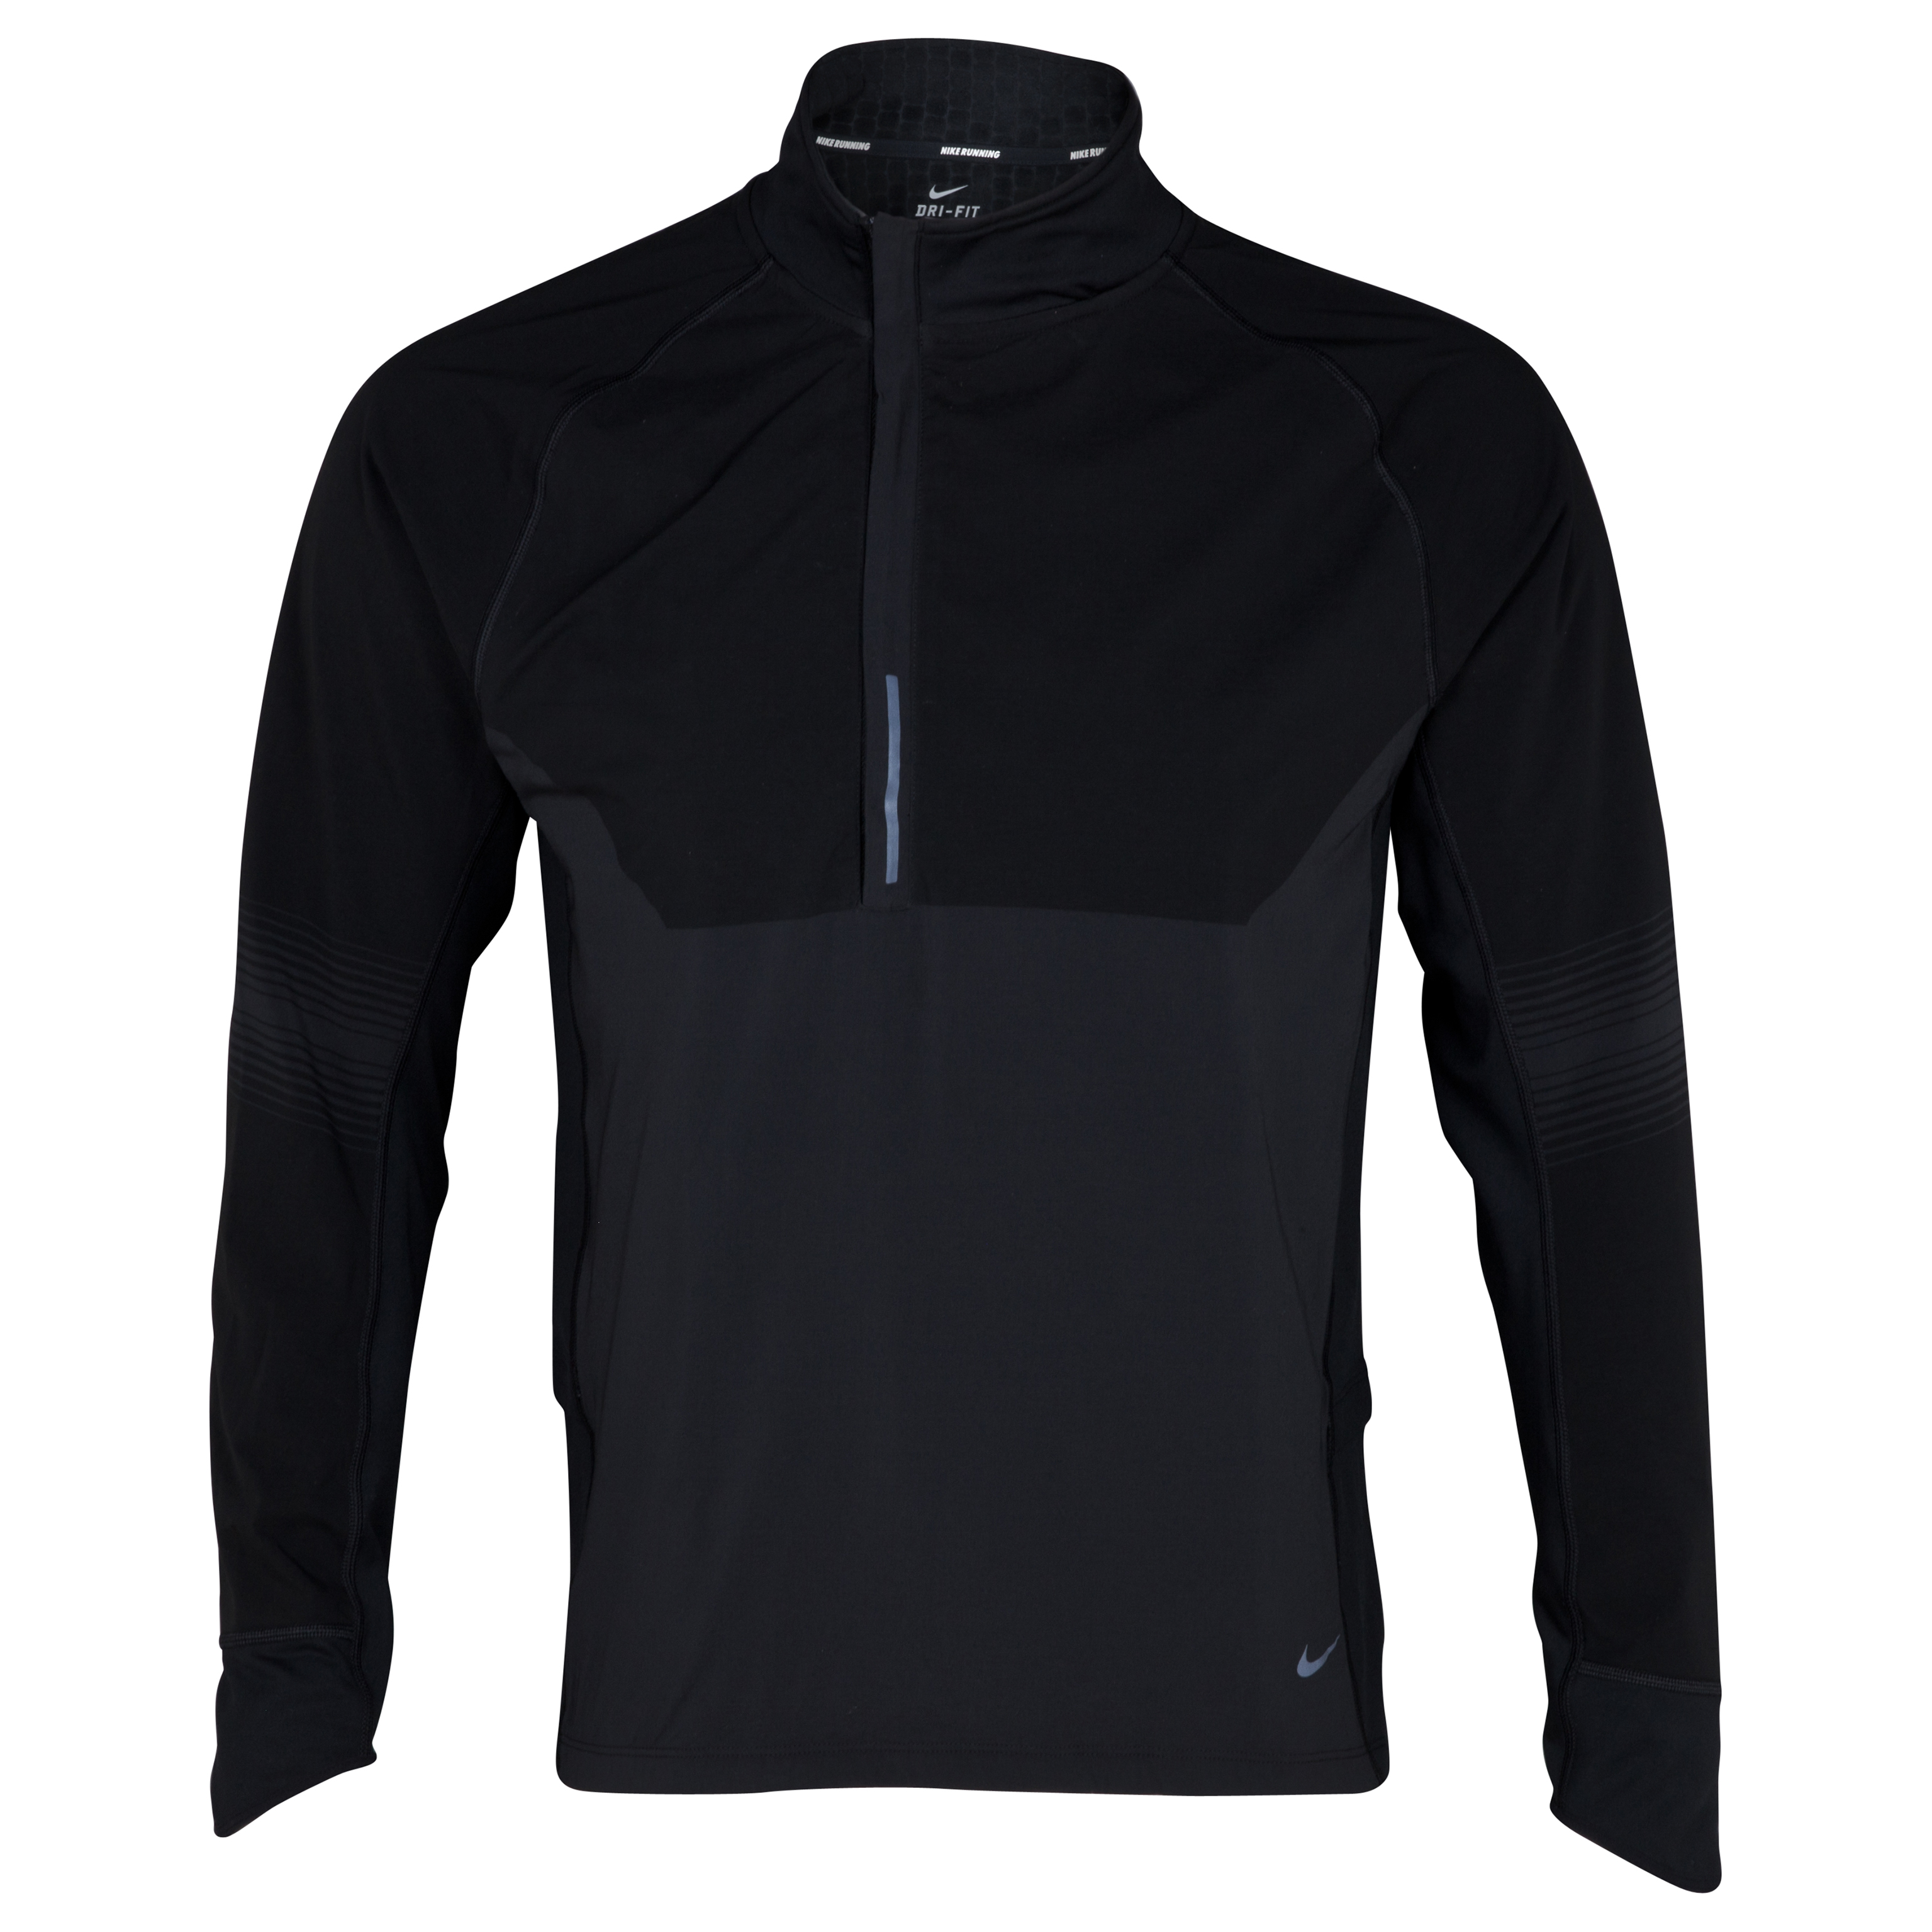 Nike Sphere Dry 1/2 Zip Top - Black/Black